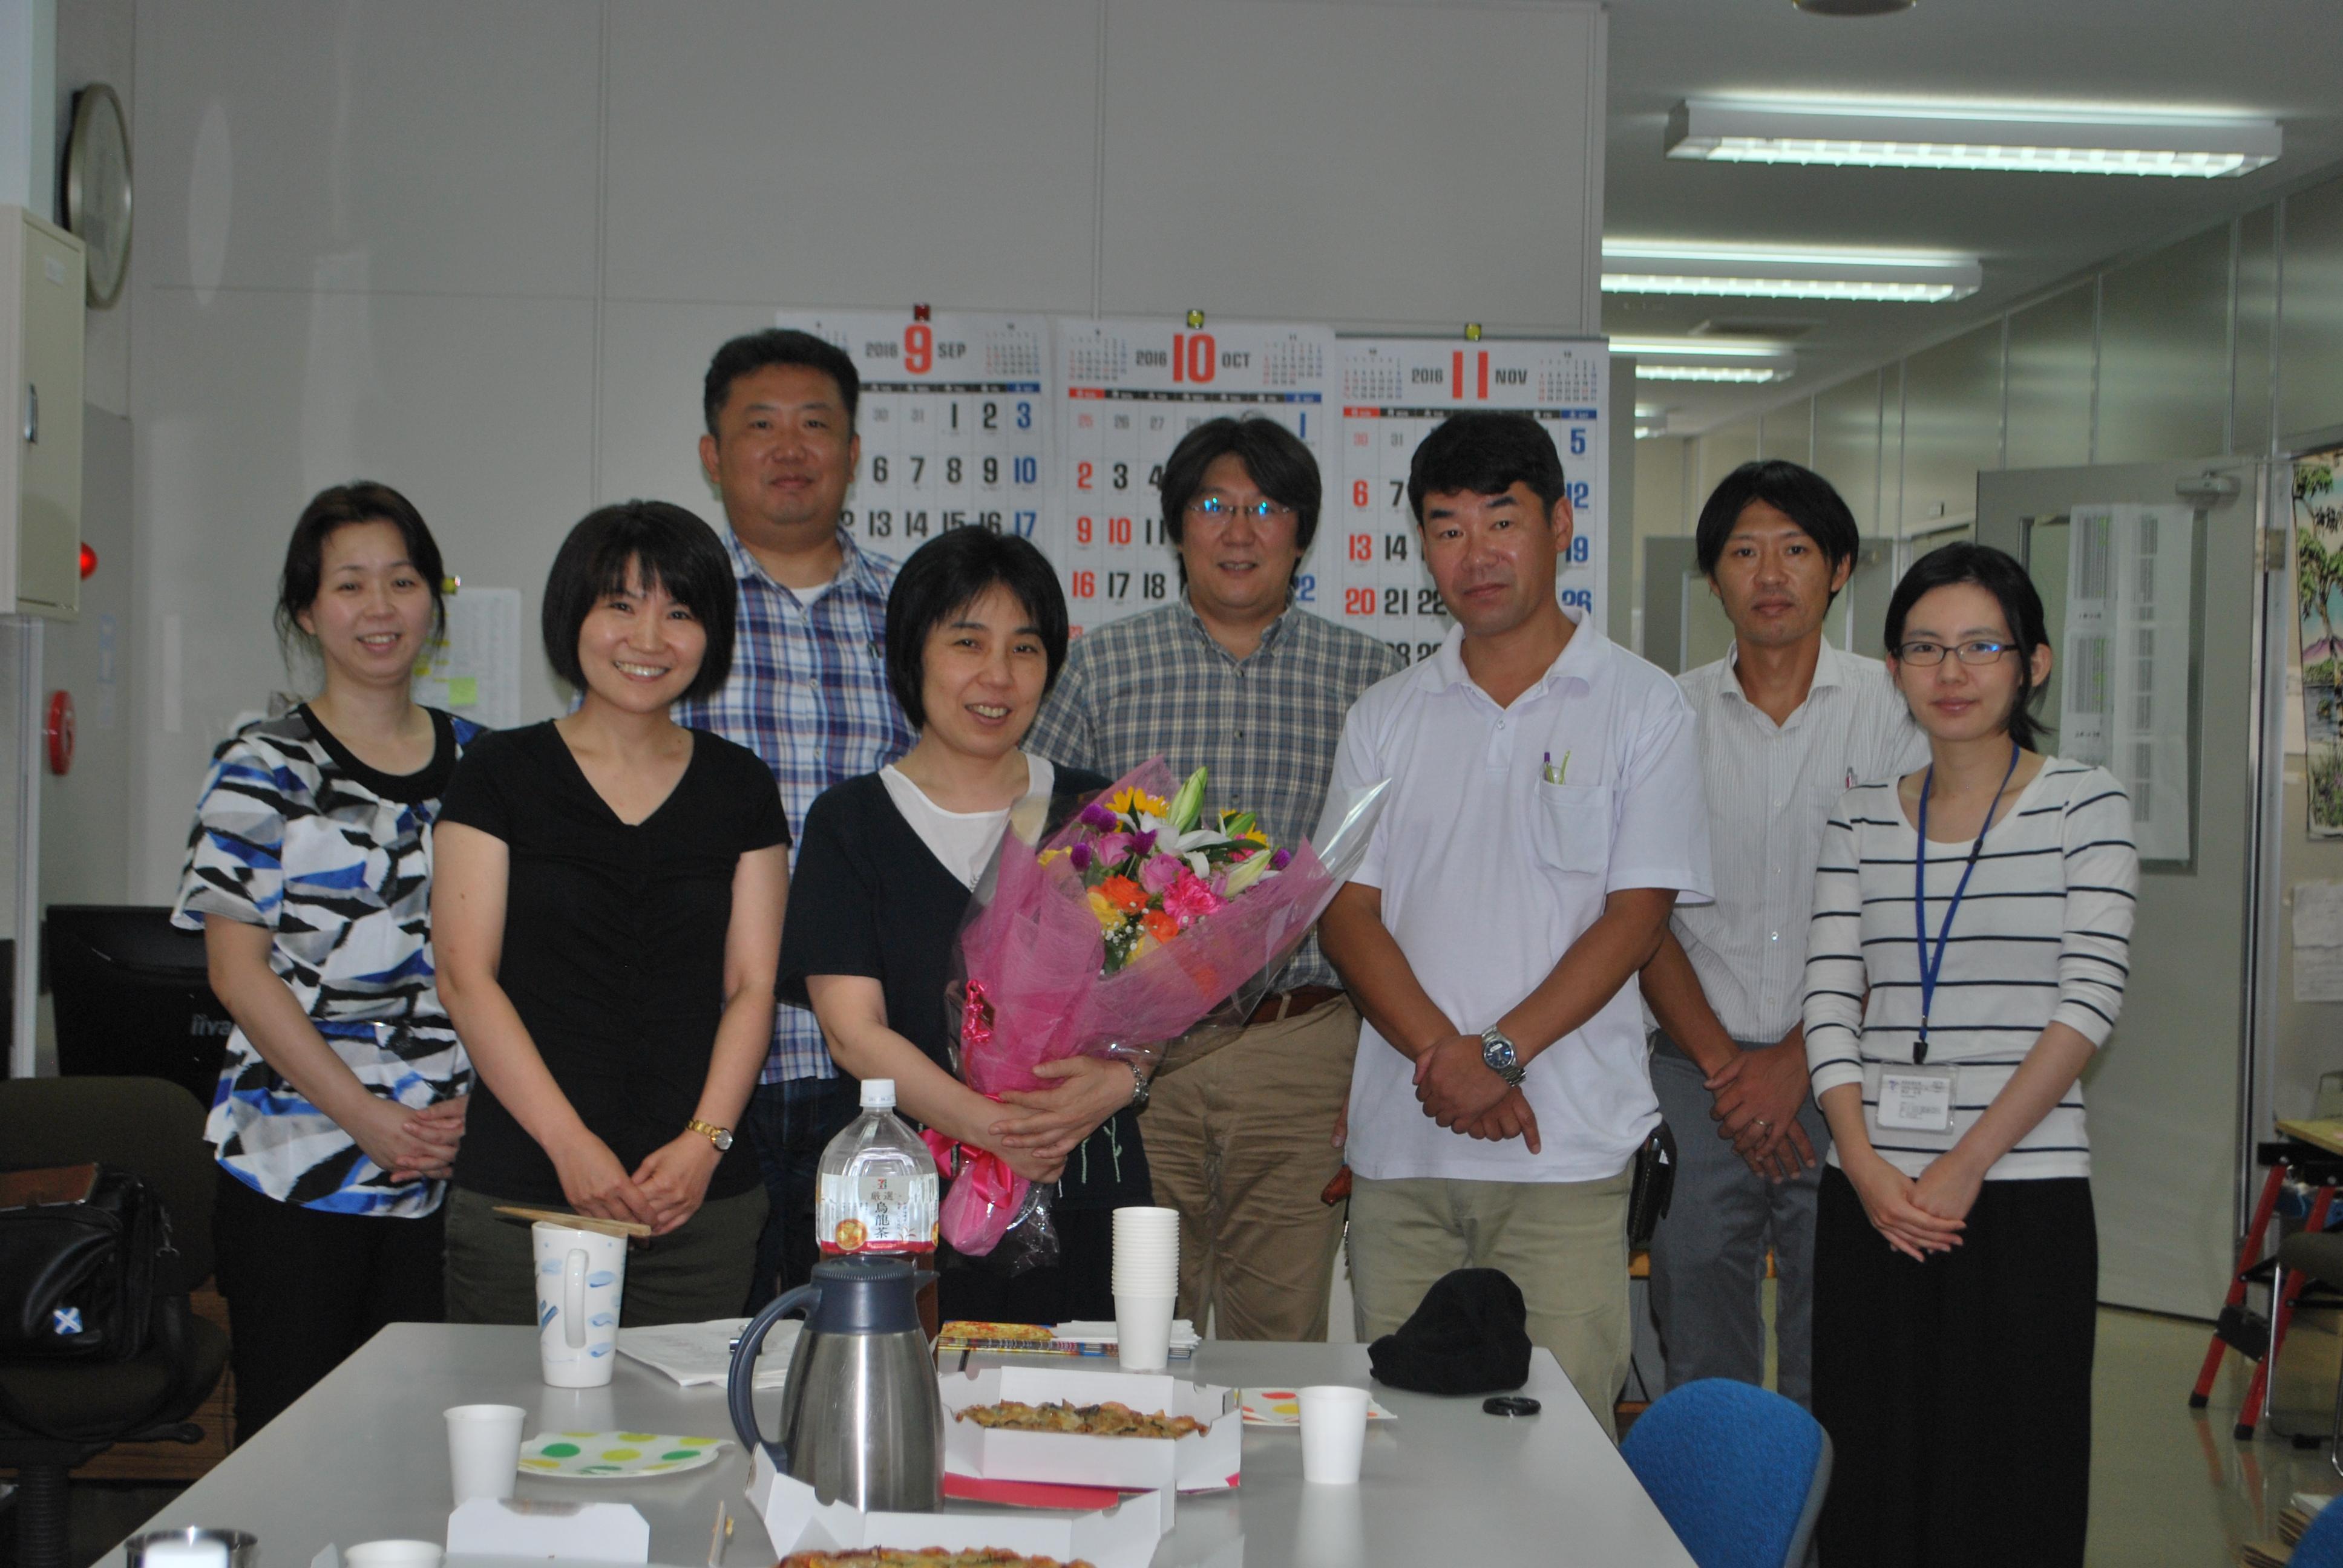 帝京科学大学 近藤先生退職 #00